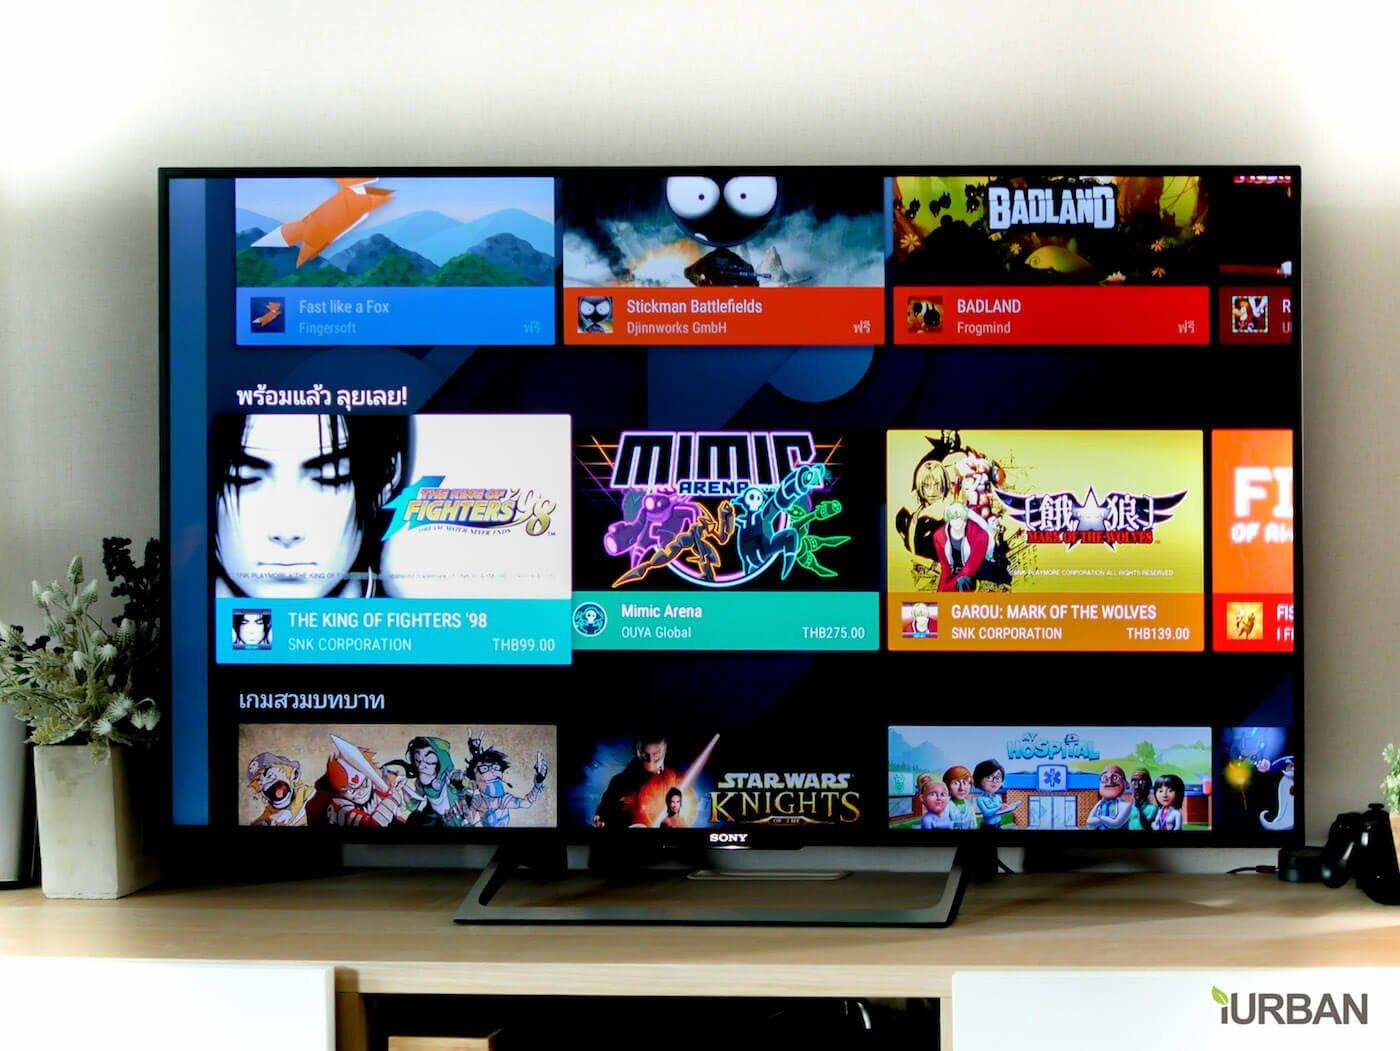 SONY X8500E 4K-HDR Android TV นวัตกรรมที่จะเปลี่ยนชีวิตกับทีวี ให้ไม่เหมือนเดิมอีกต่อไป 26 - Android